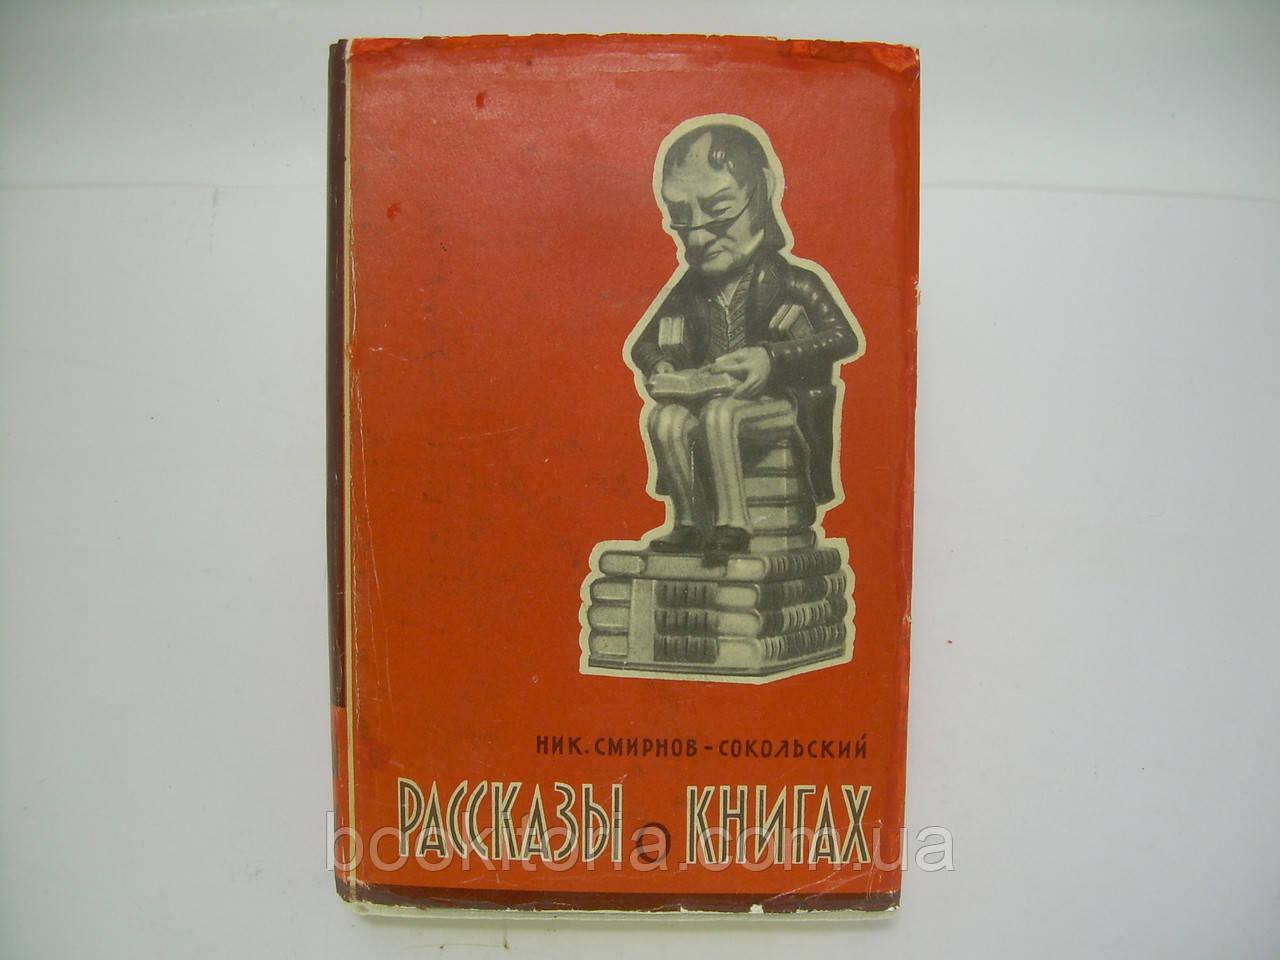 Смирнов-Сокольский Н.П. Рассказы о книгах (б/у).